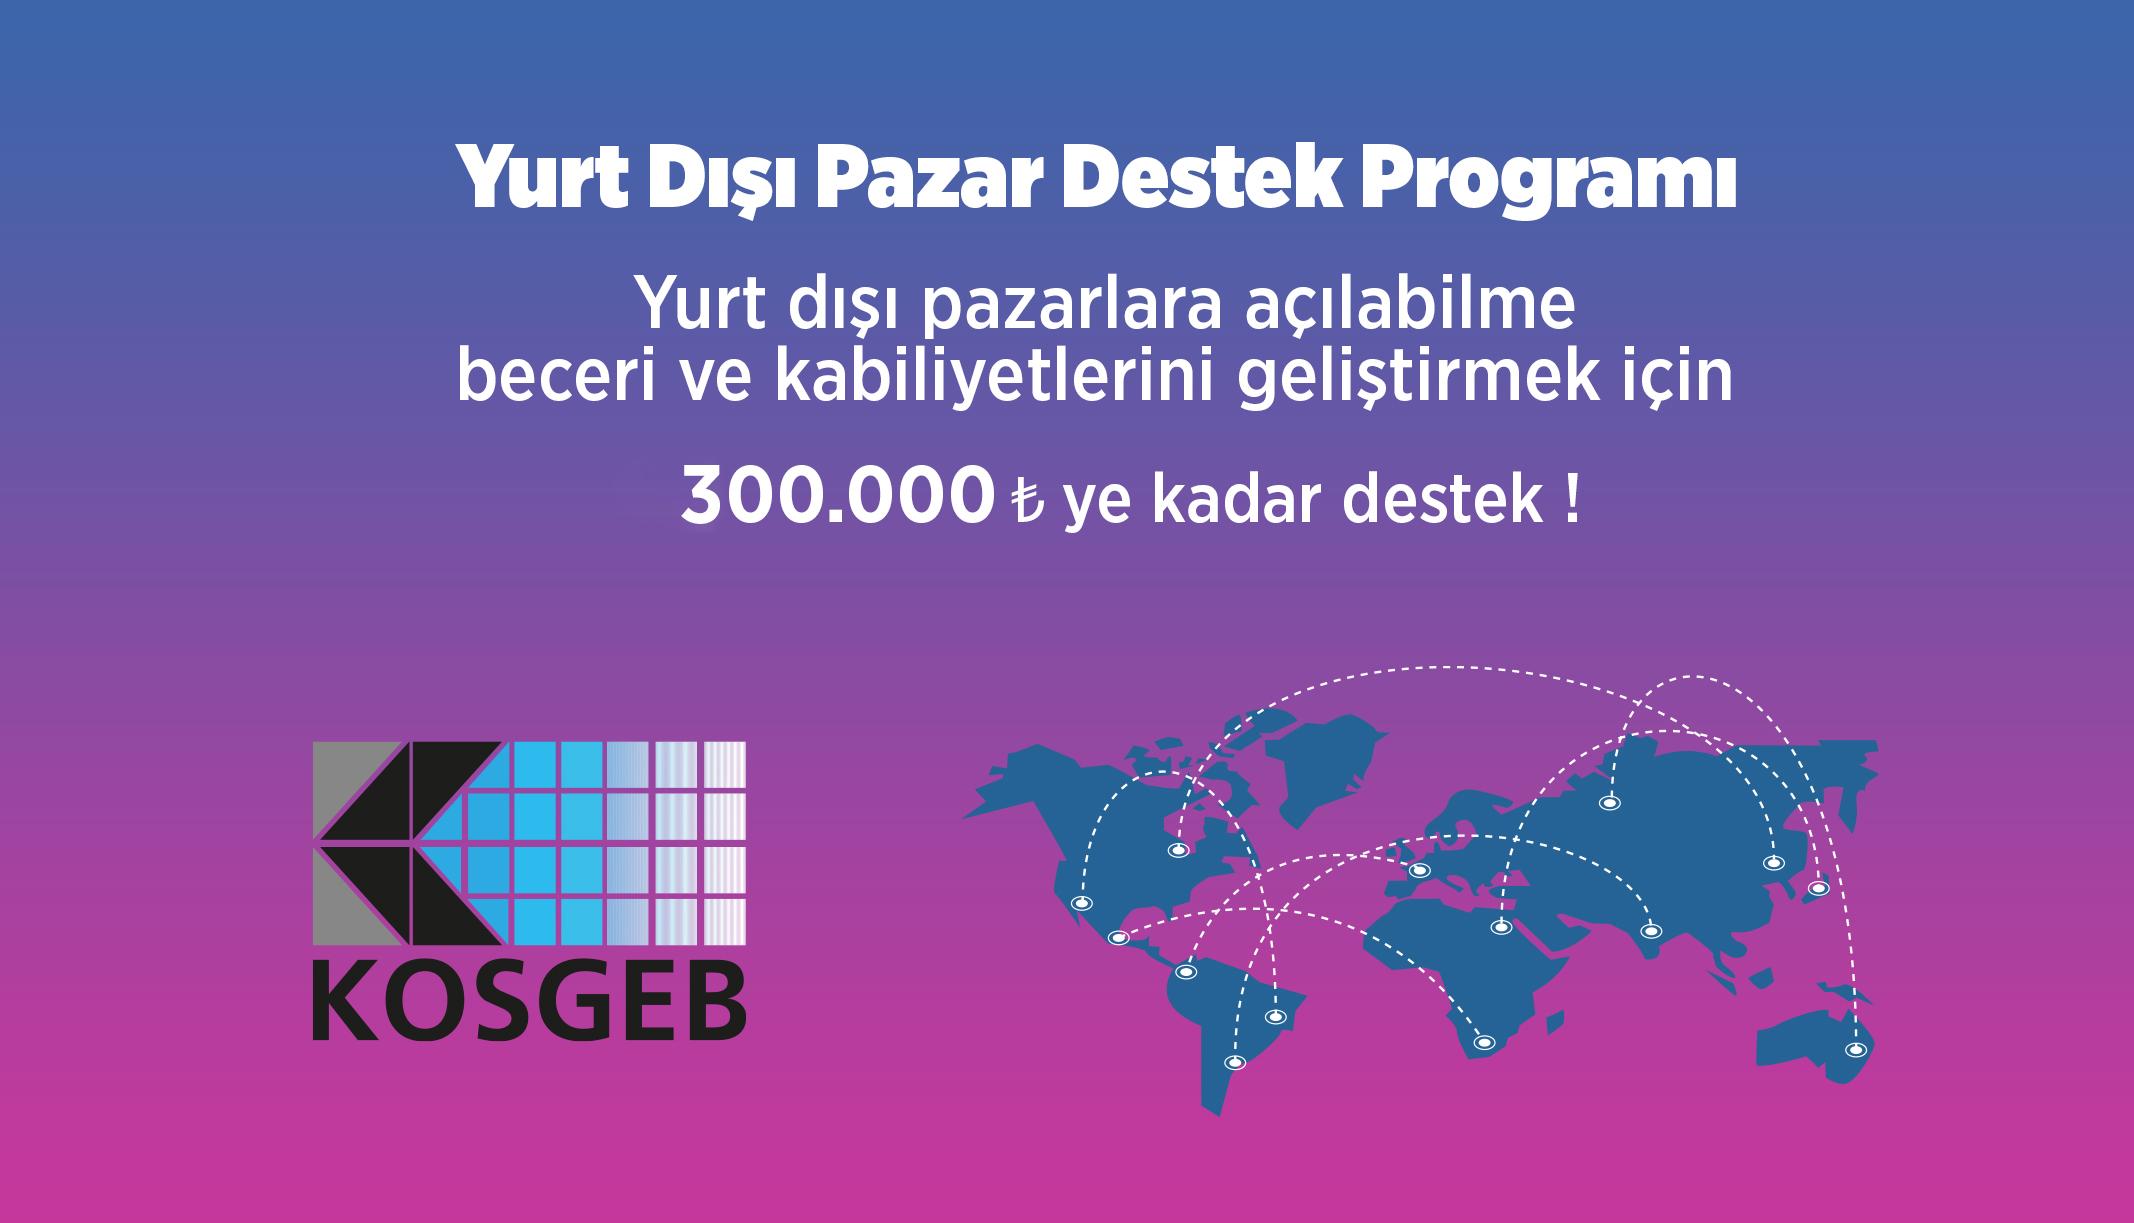 Yurt Dışı Pazar Destek Programı